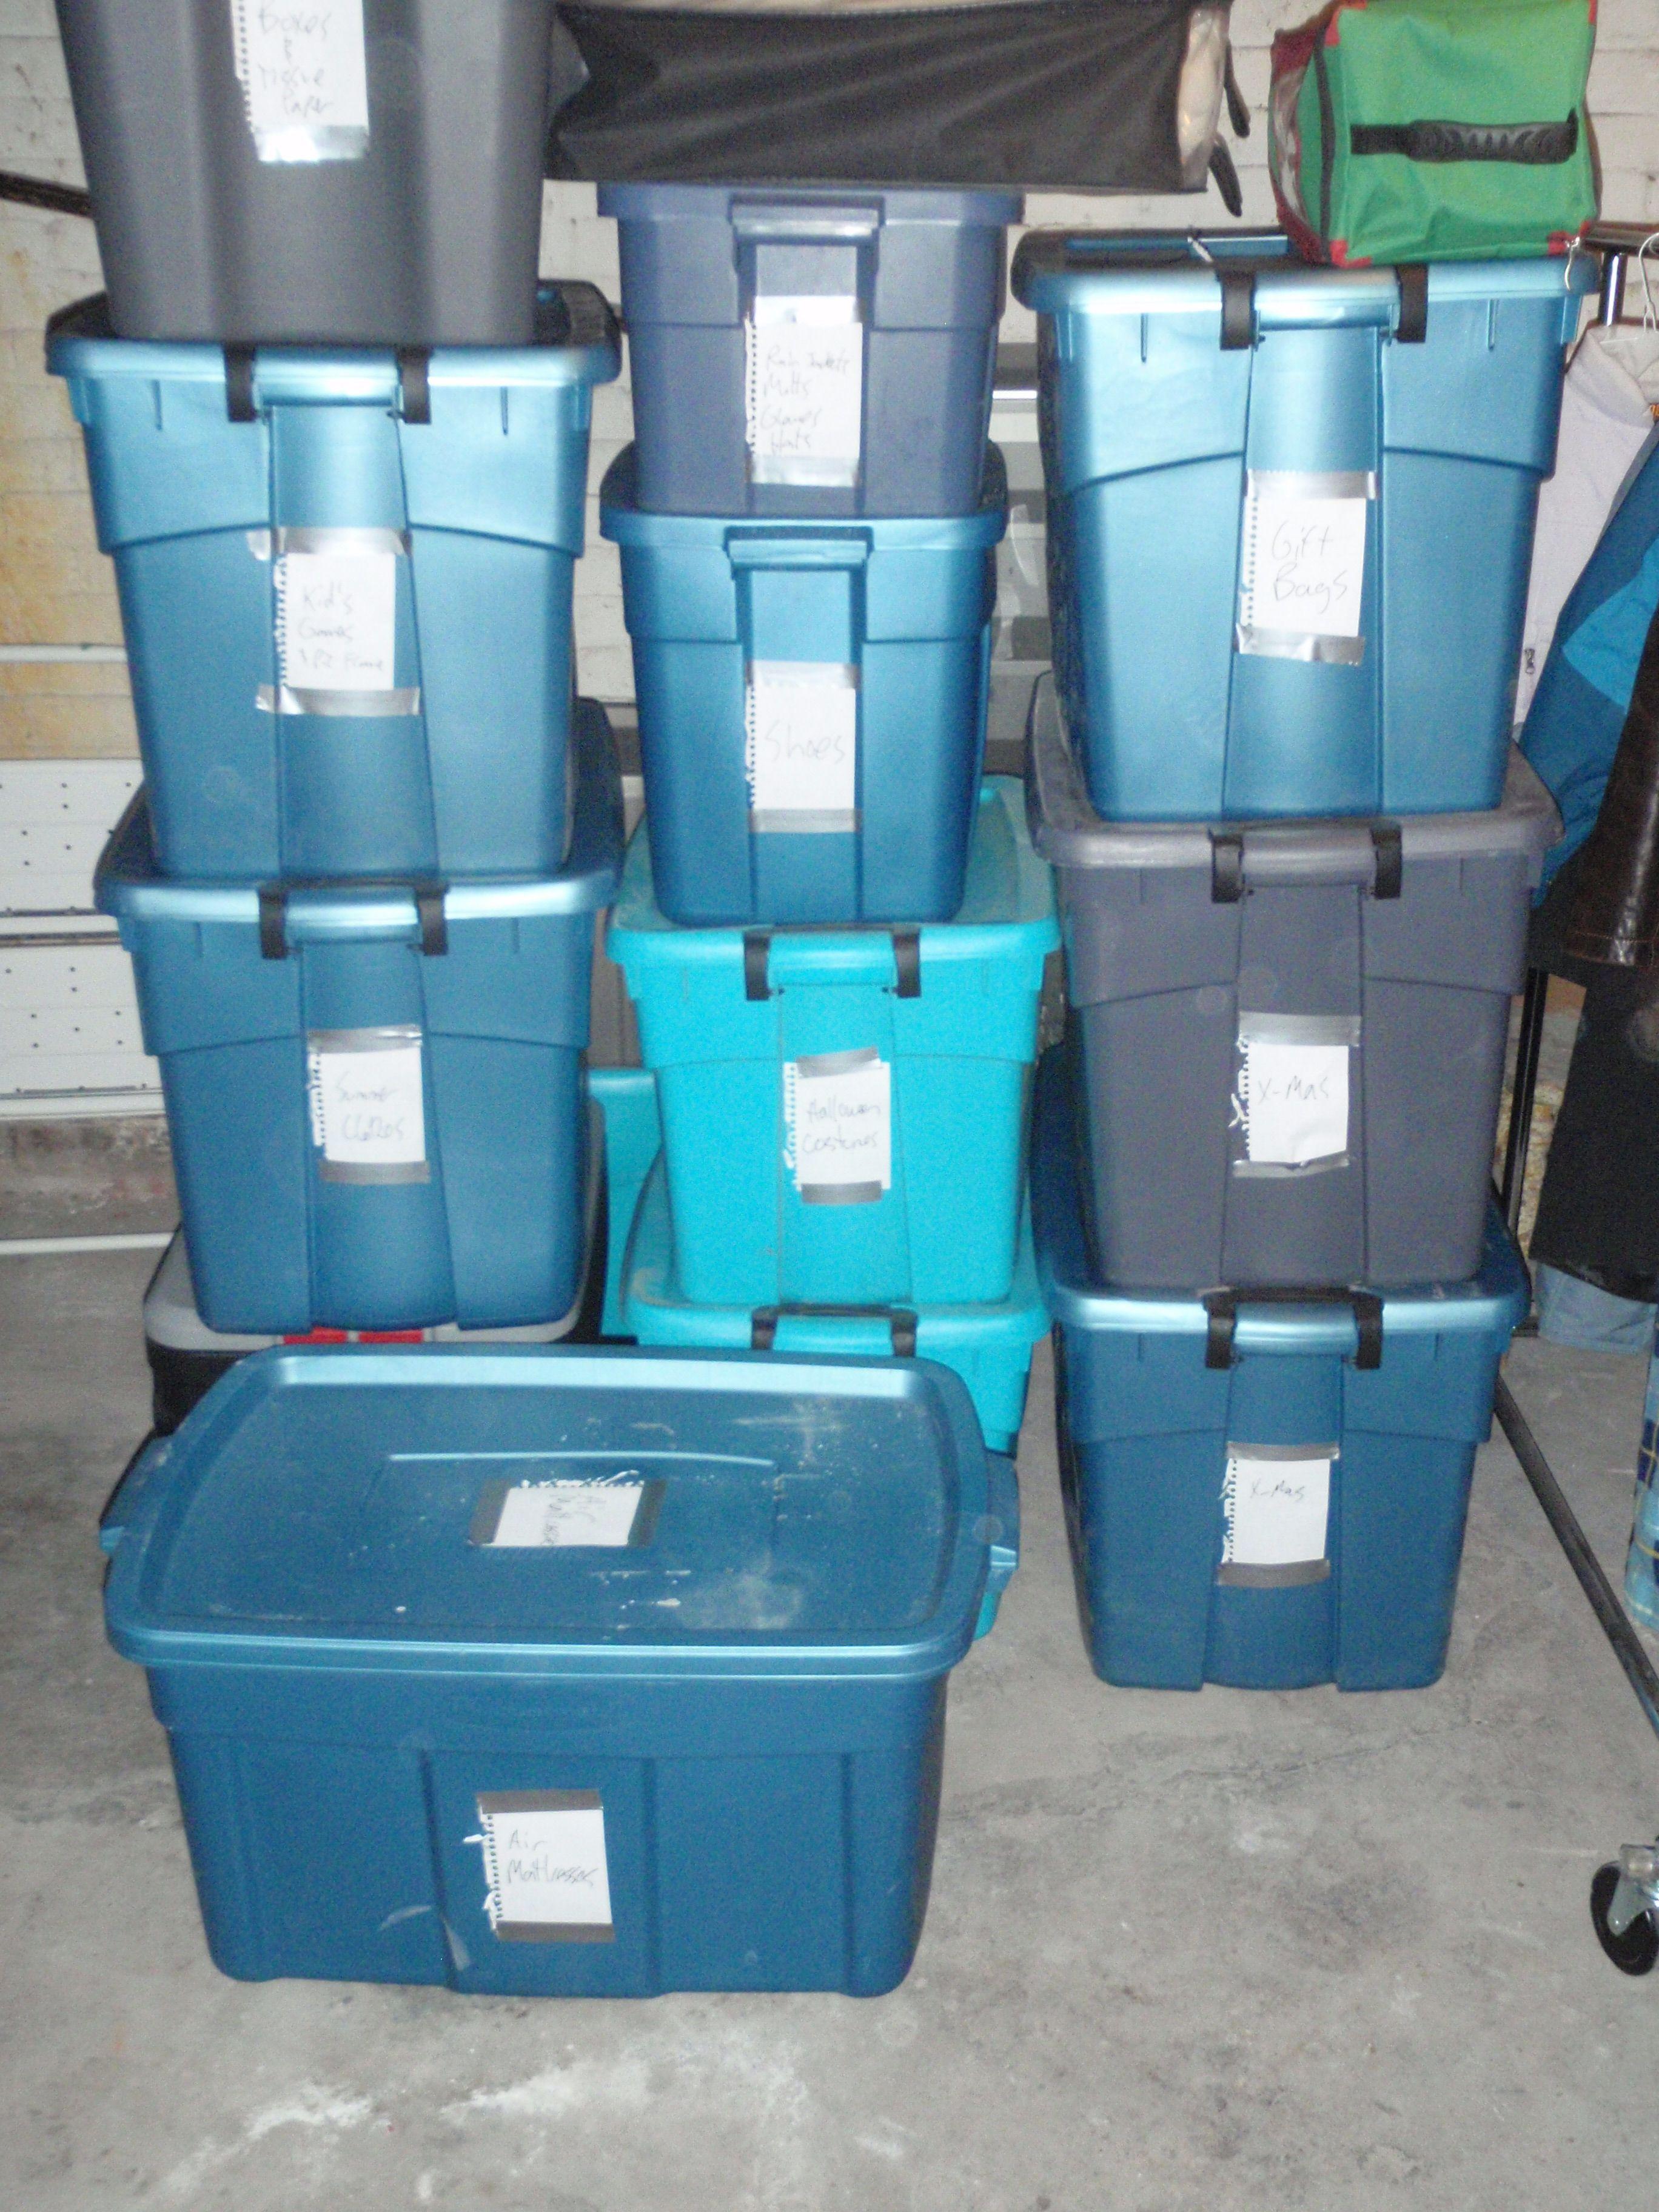 Image Result For Storage Bins For Shelves